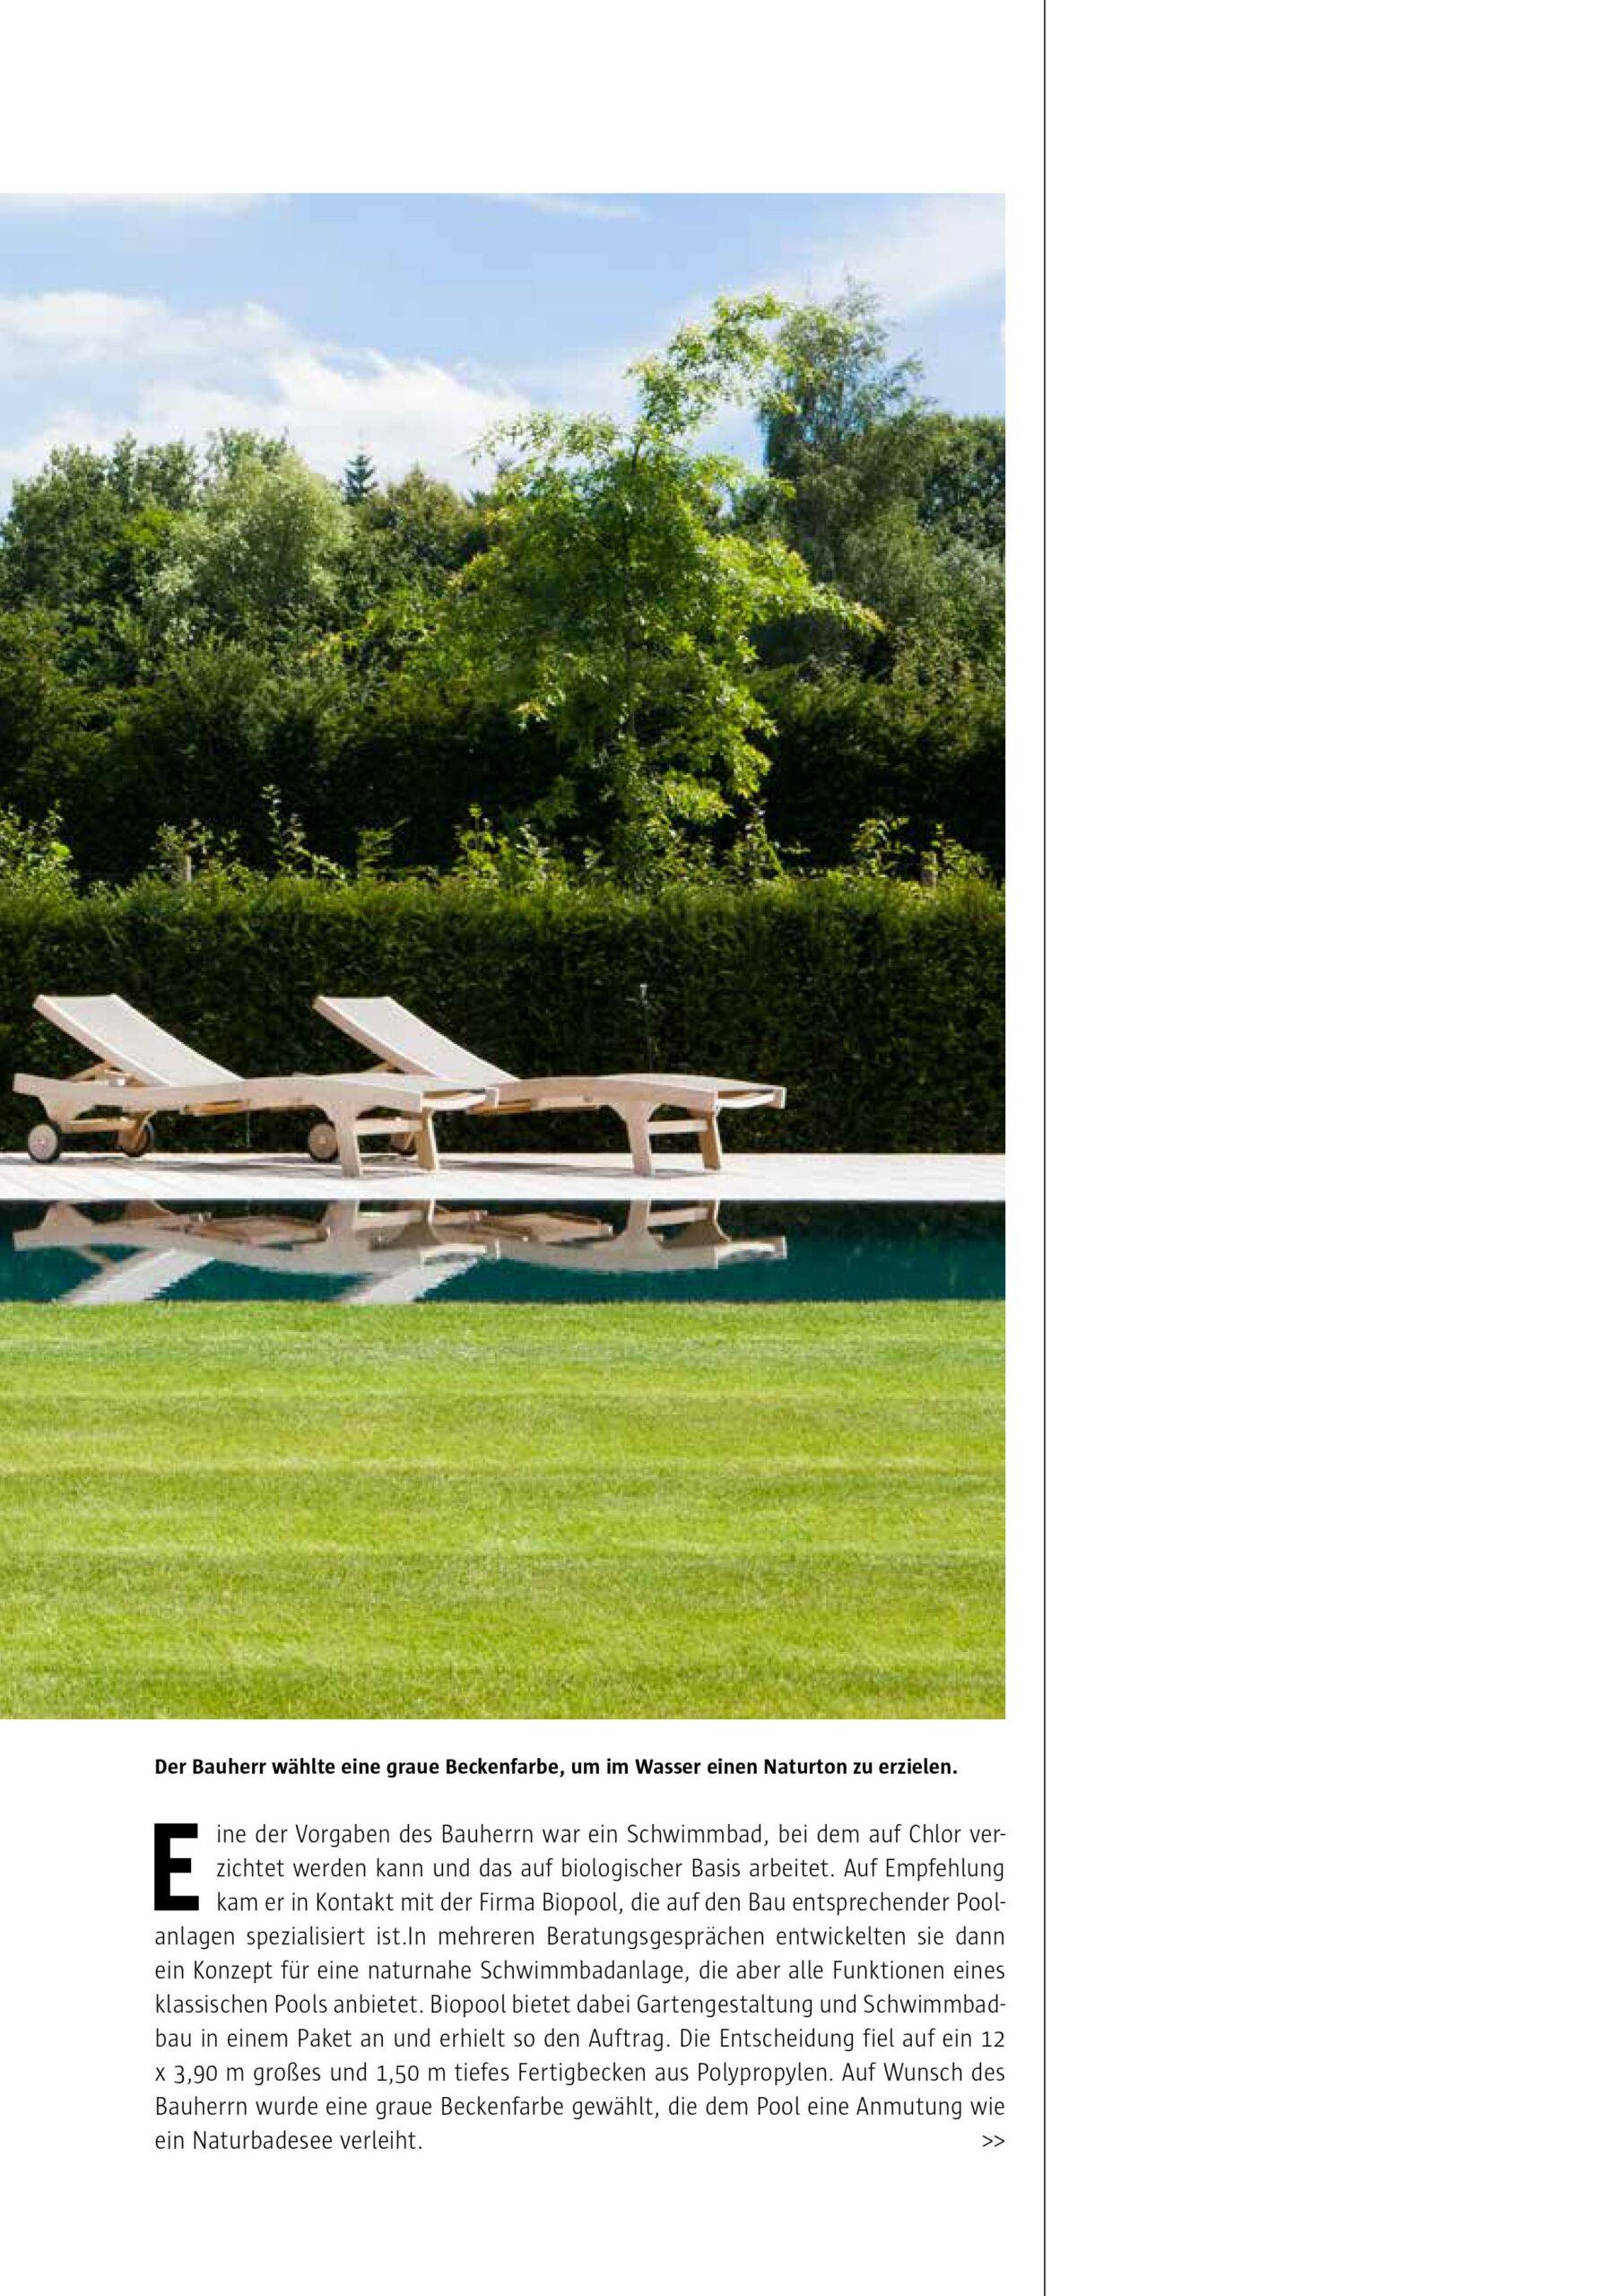 Afbeelding nieuwsitem Reportage Spa & Home – PPc overloop zwembad bij landhuis